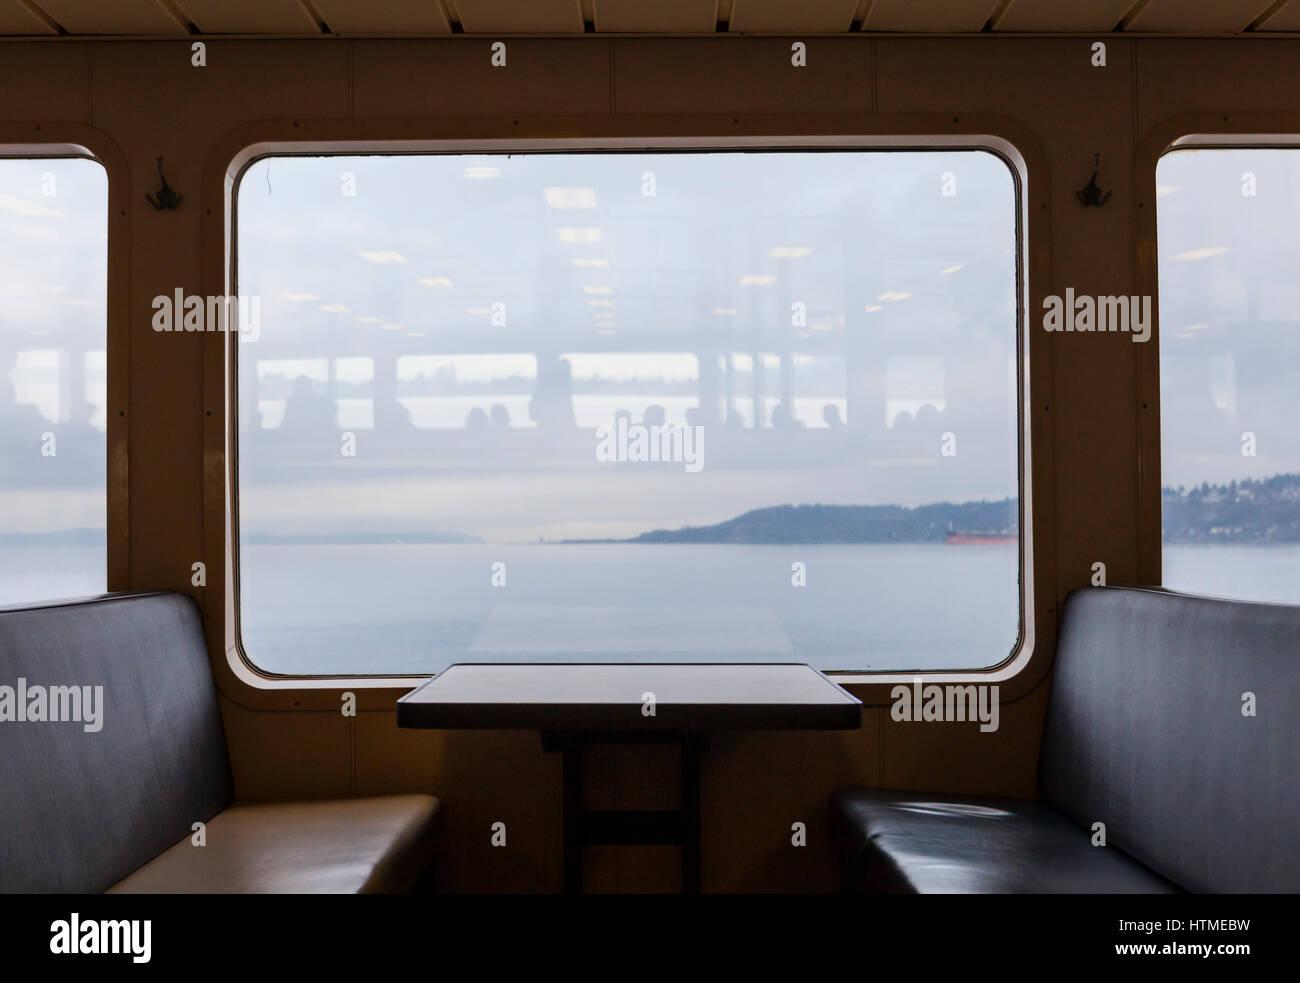 D'un coin salon dans un Washington State Ferry avec une table et fenêtre donnant sur un jour nuageux. Photo Stock